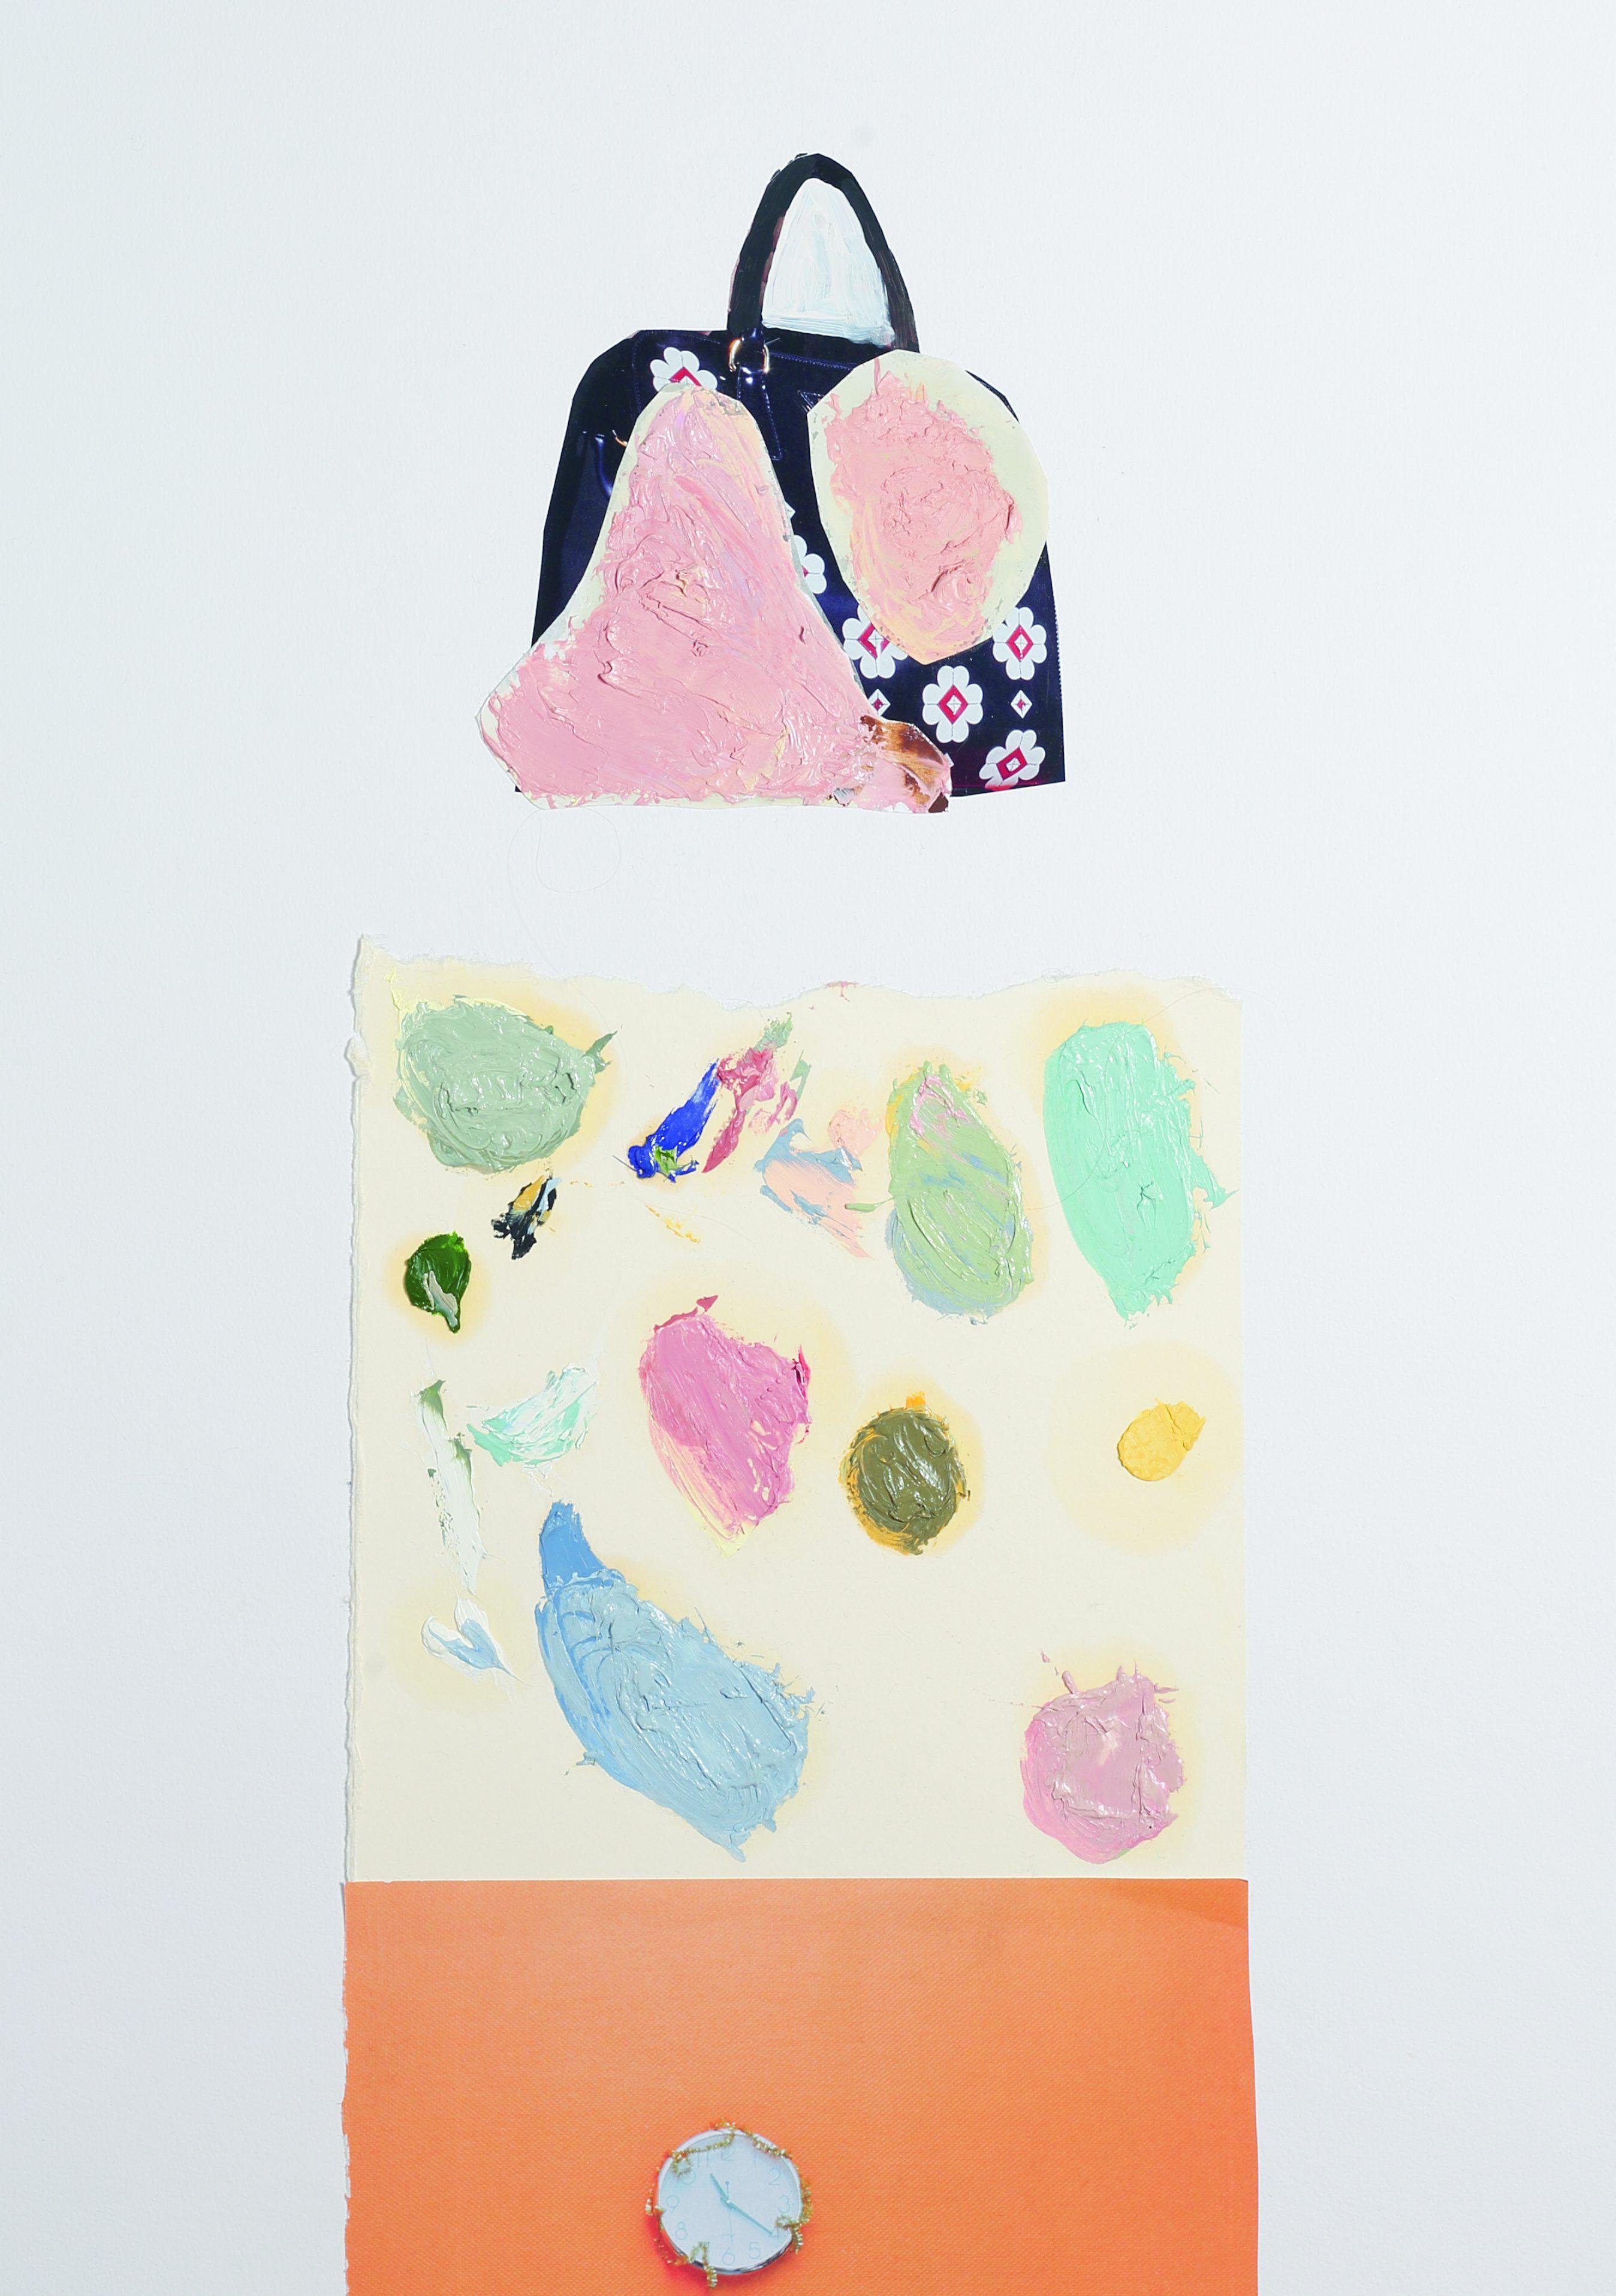 Margit Jäschke collage, 2012. Foto met dank aan Margit Jäschke©